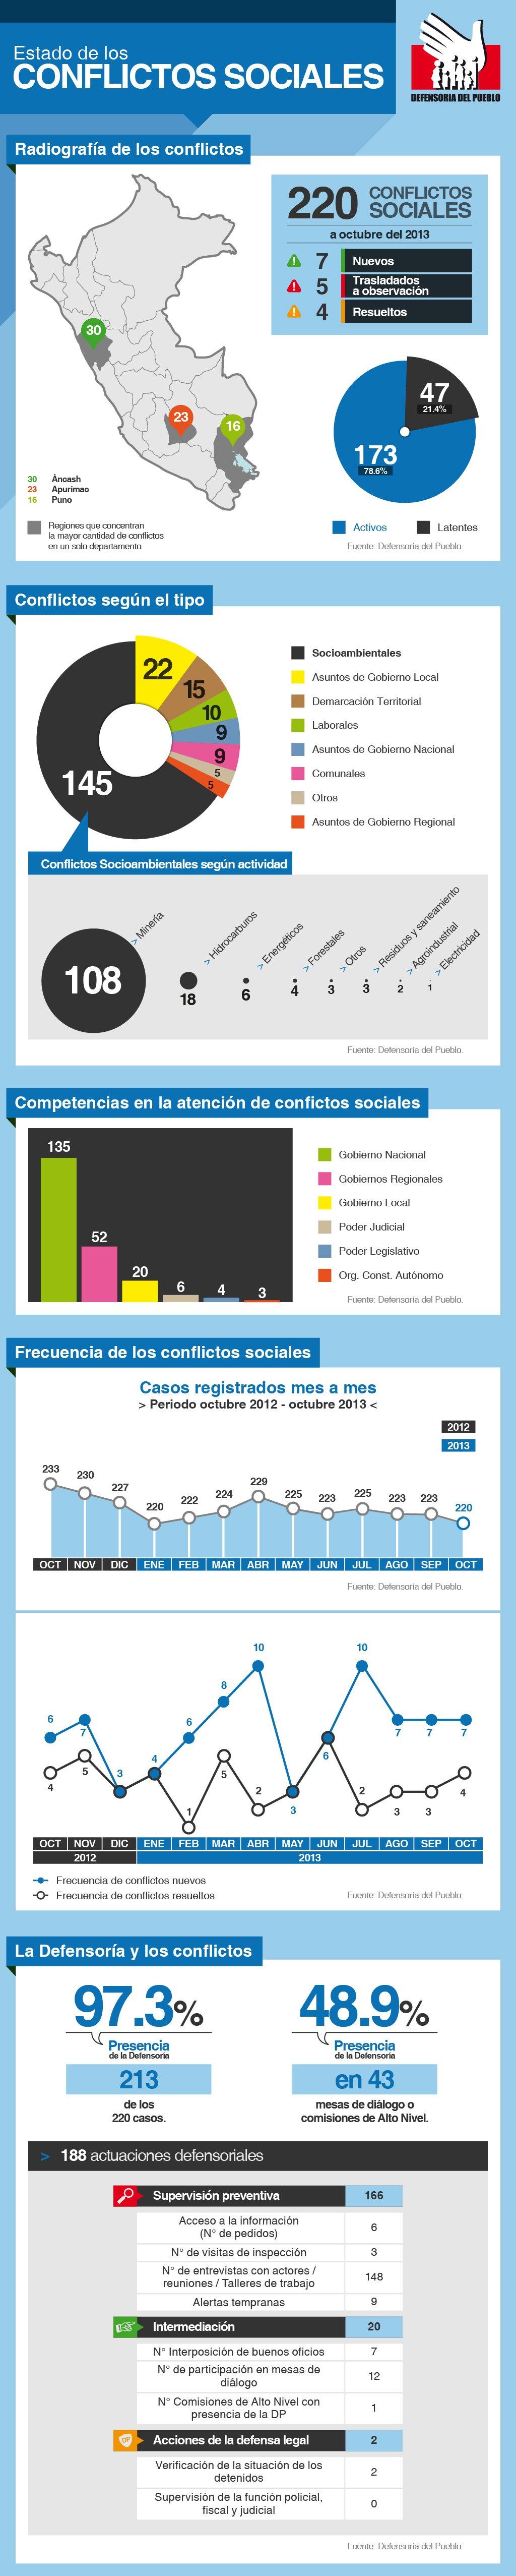 Reporte de conflictos 116_Defensoría del Pueblo